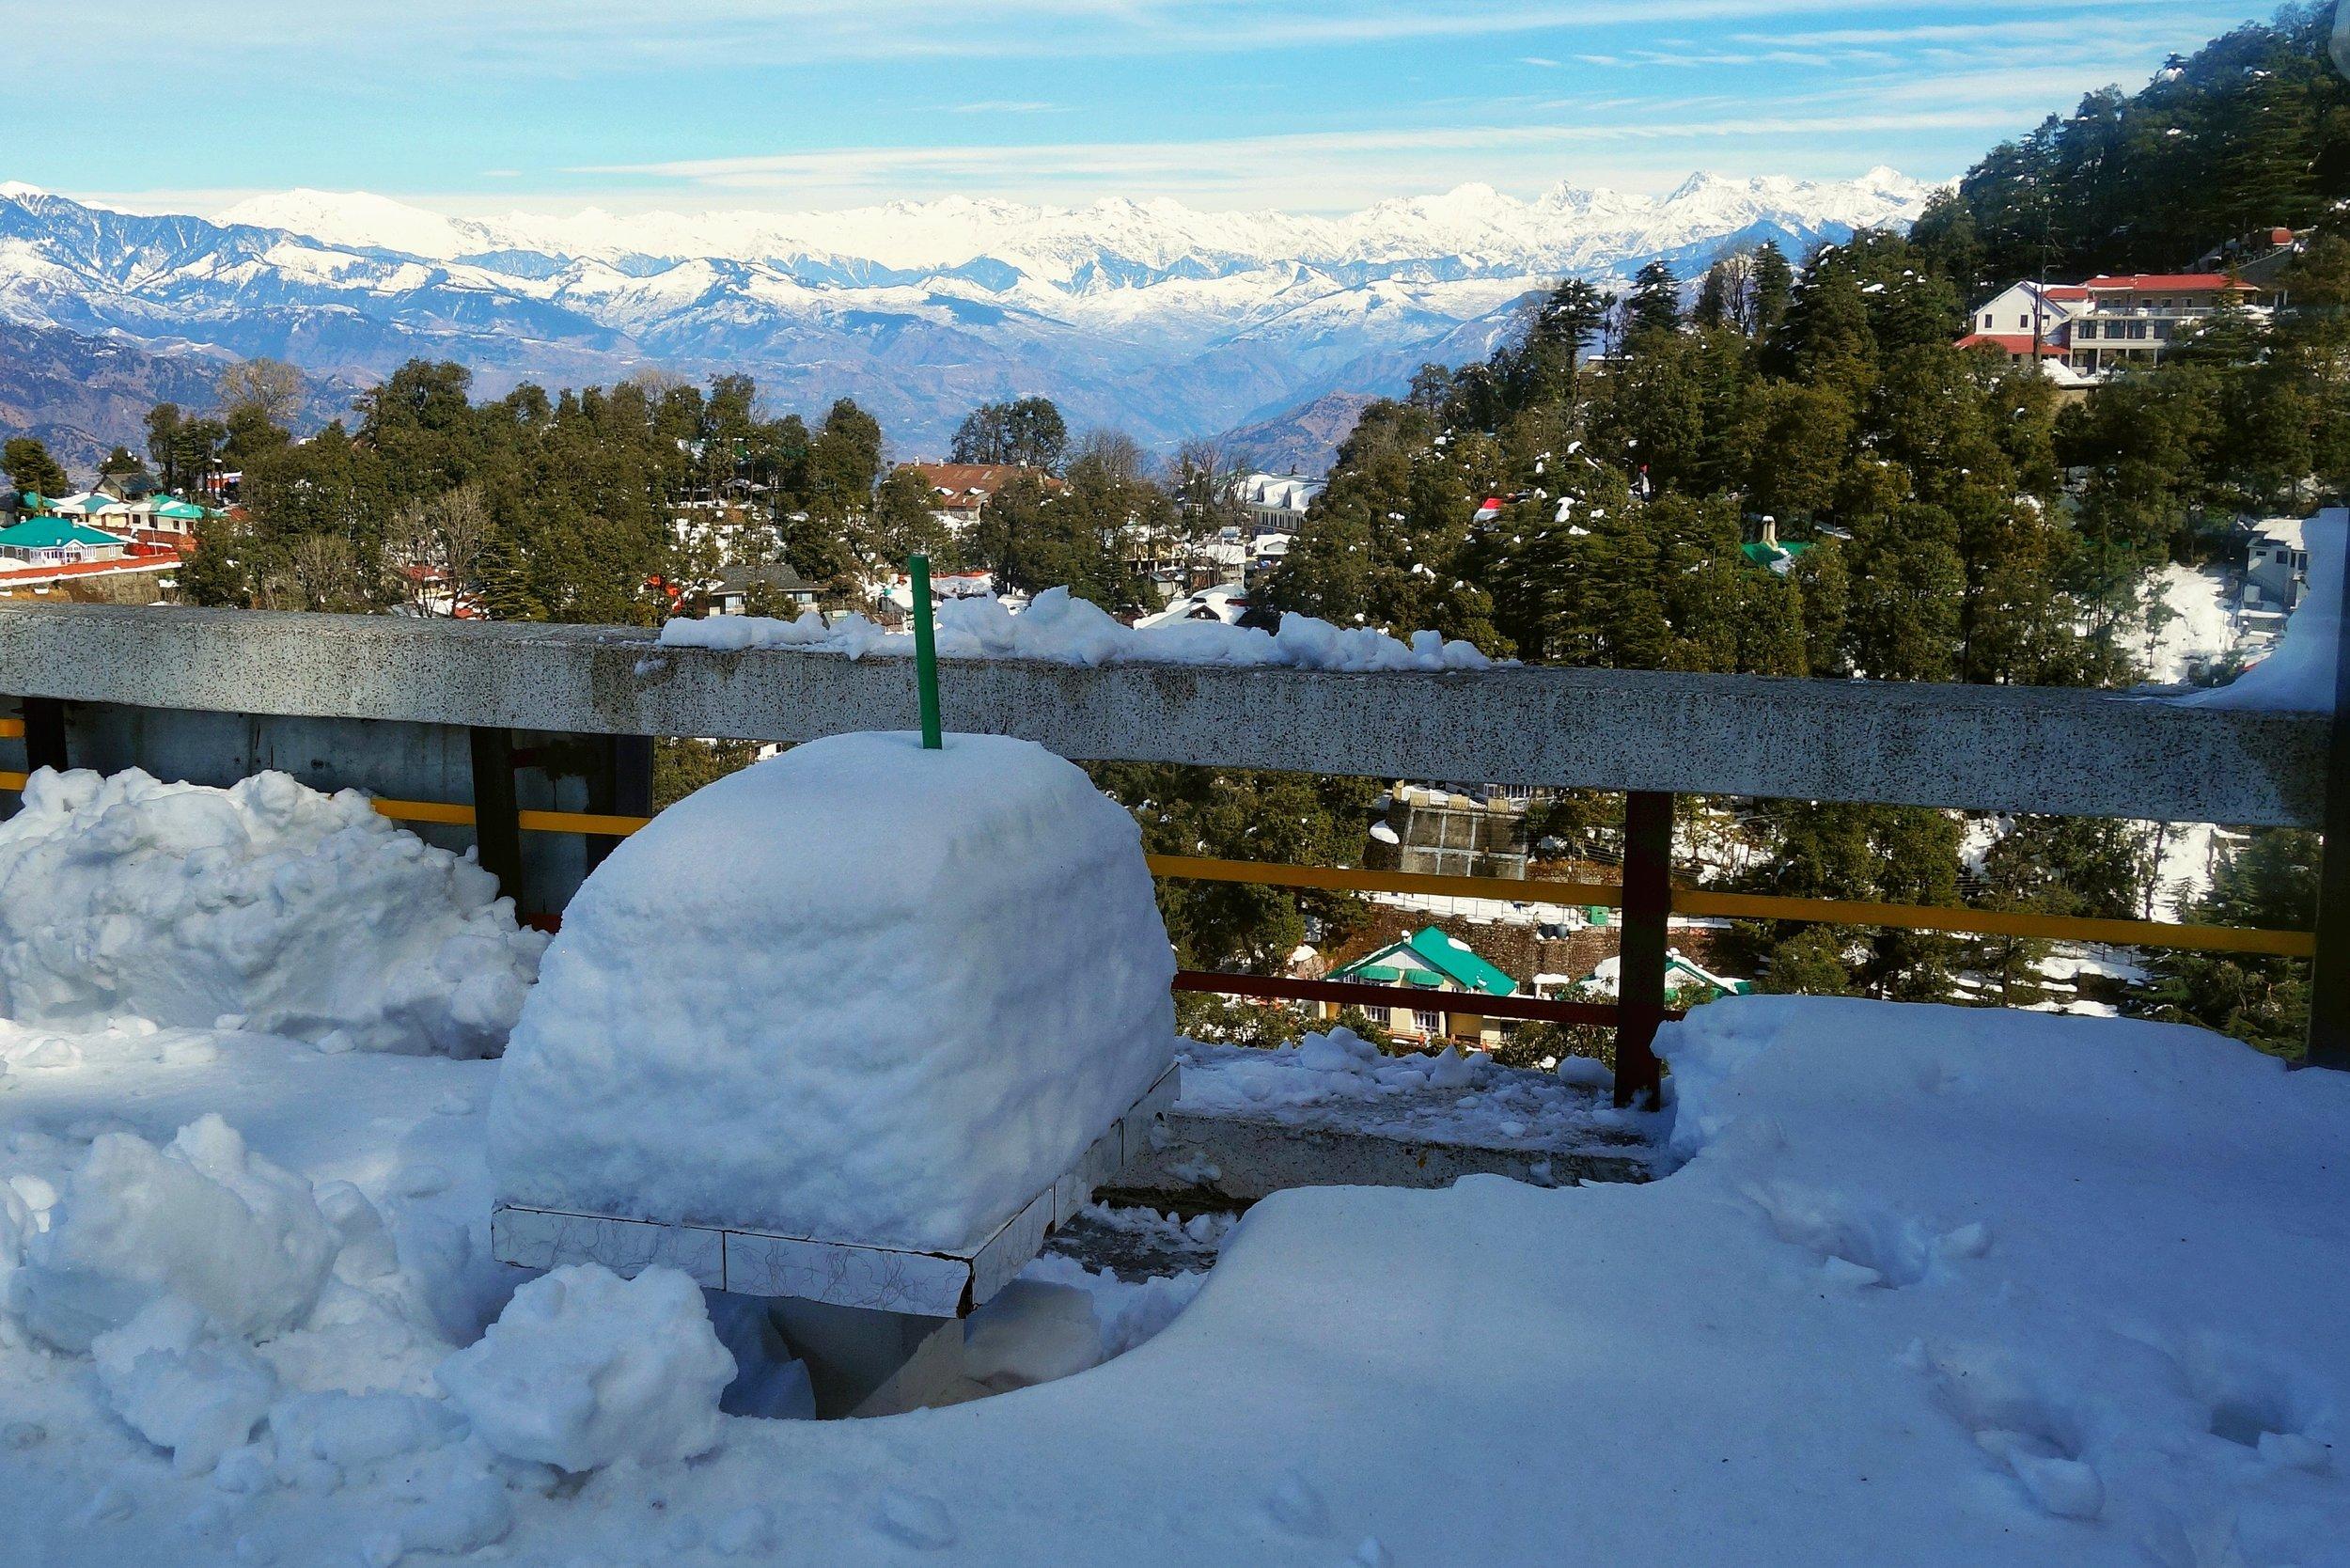 dalhousie-winter-chamba-1